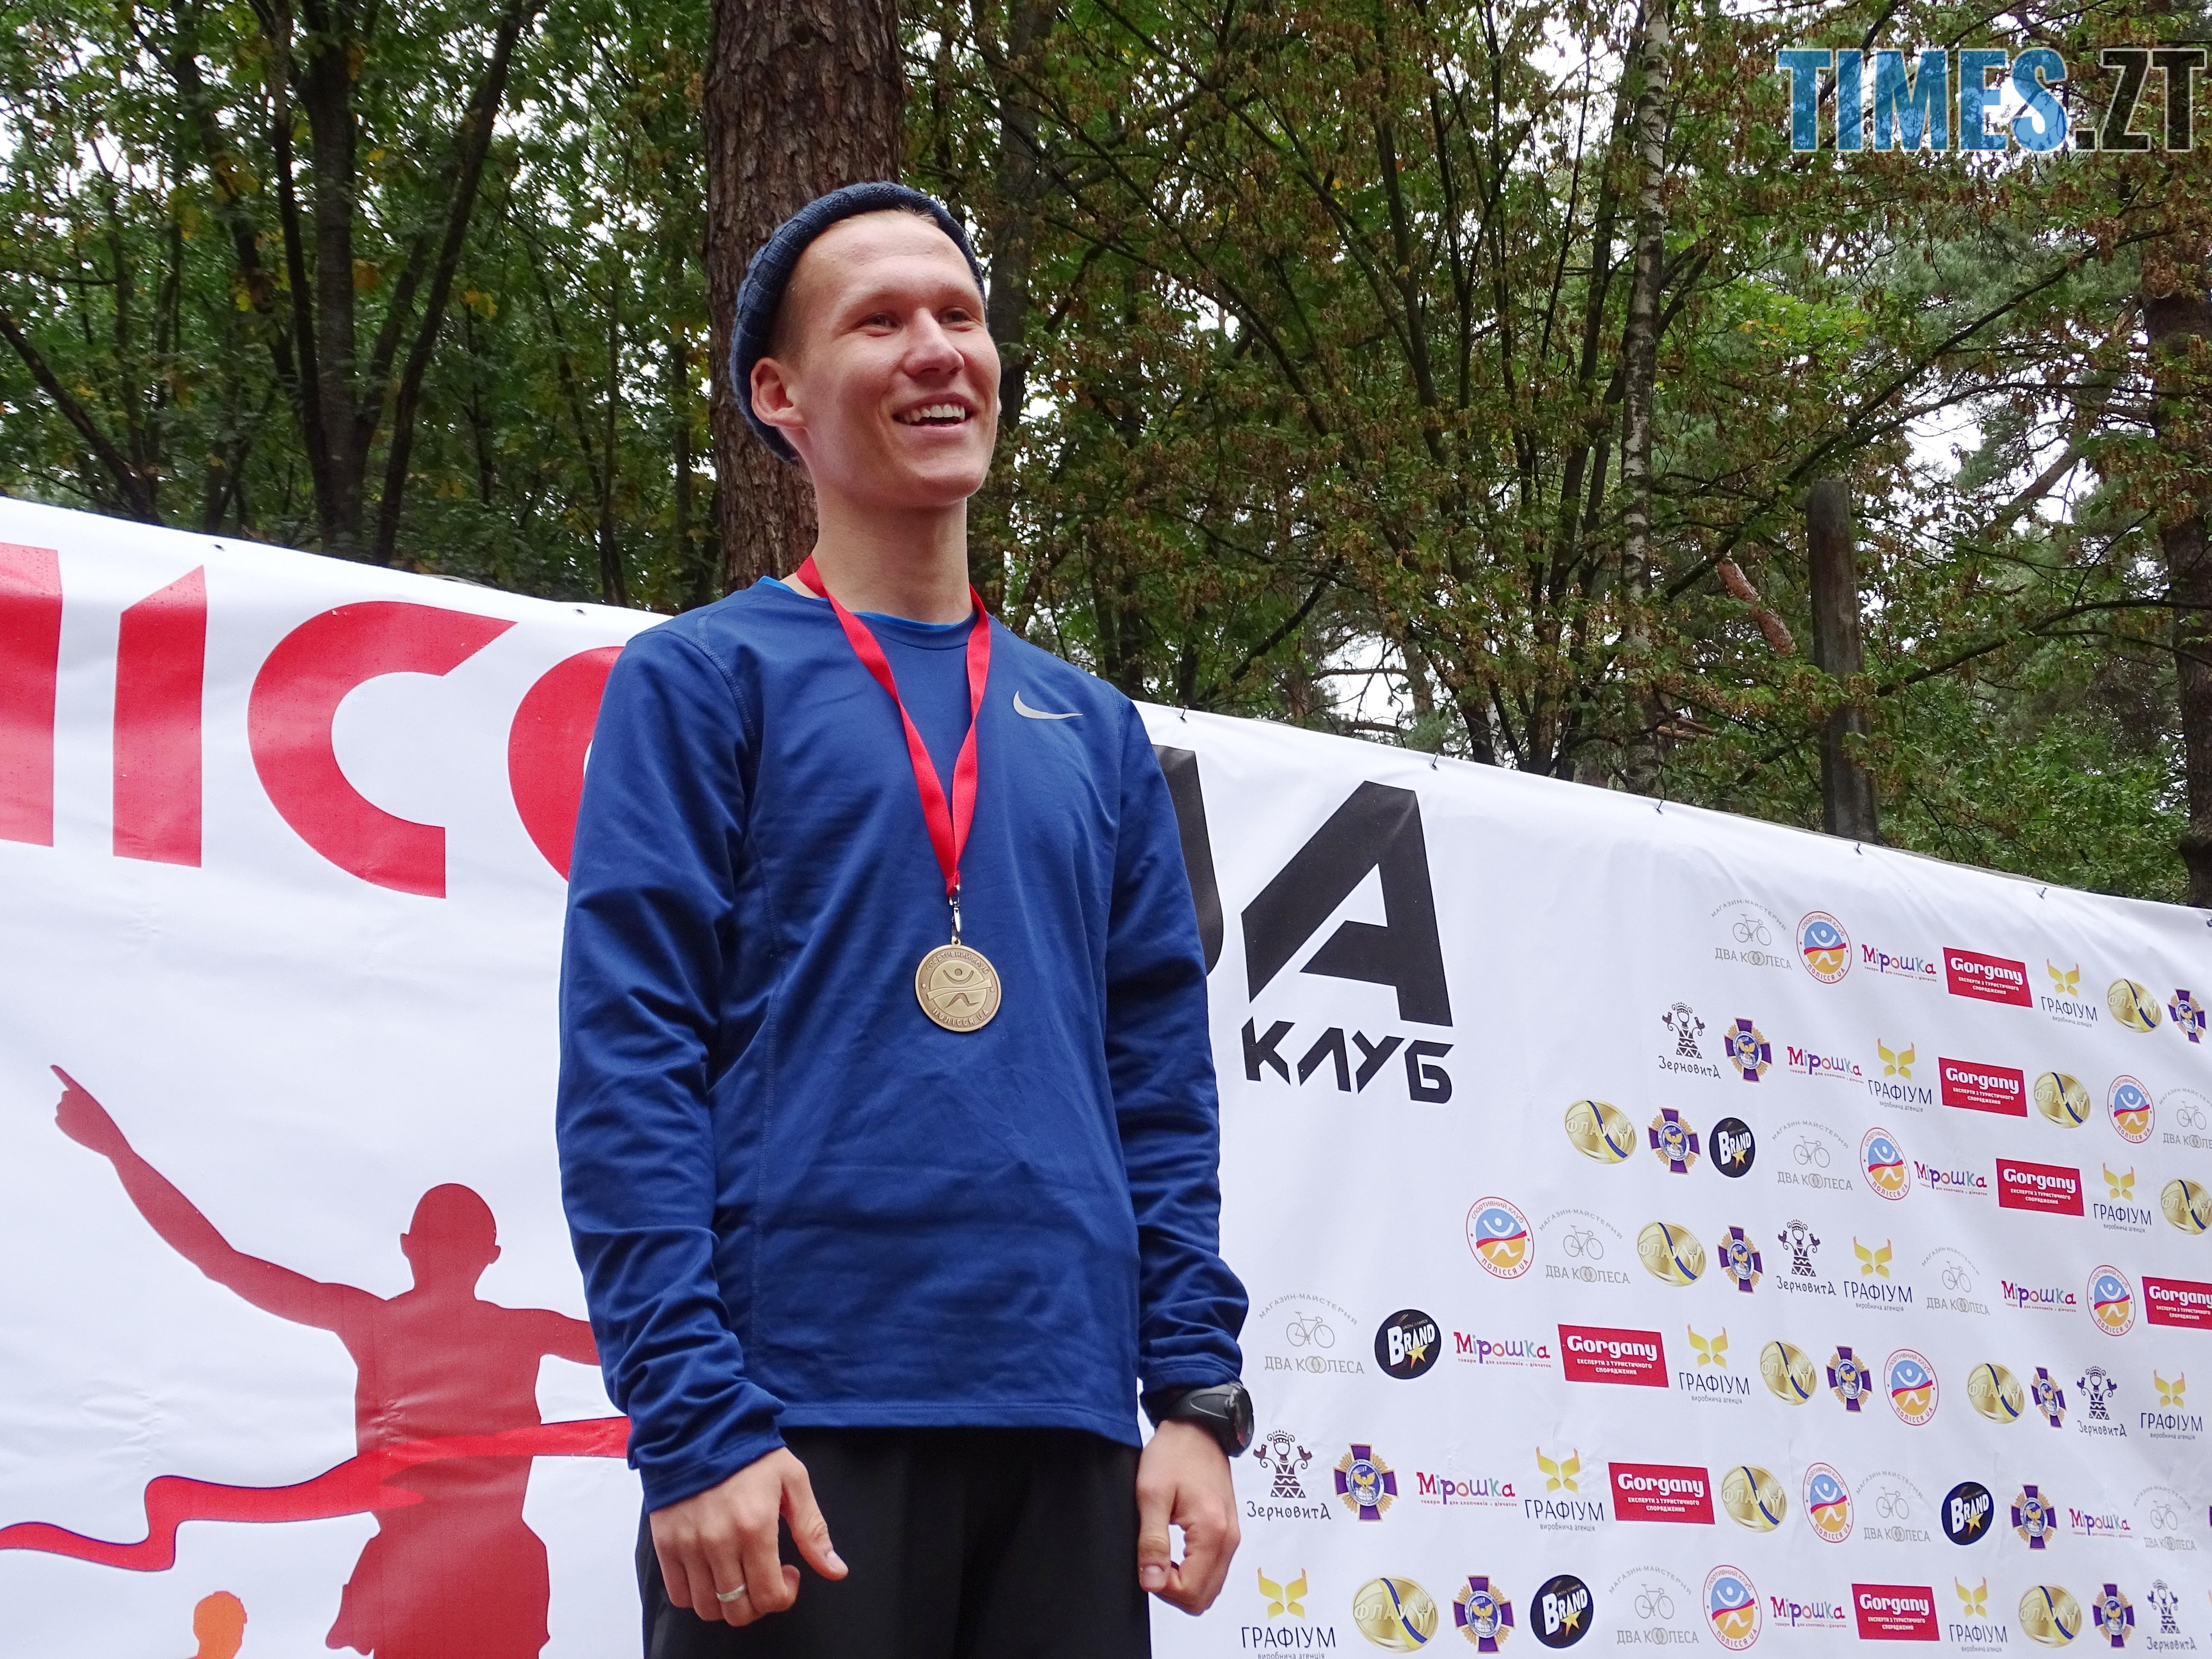 DSC02147 - У Житомирі відбулися змагання з кросу «Поліська осінь – 2018» (ФОТО)